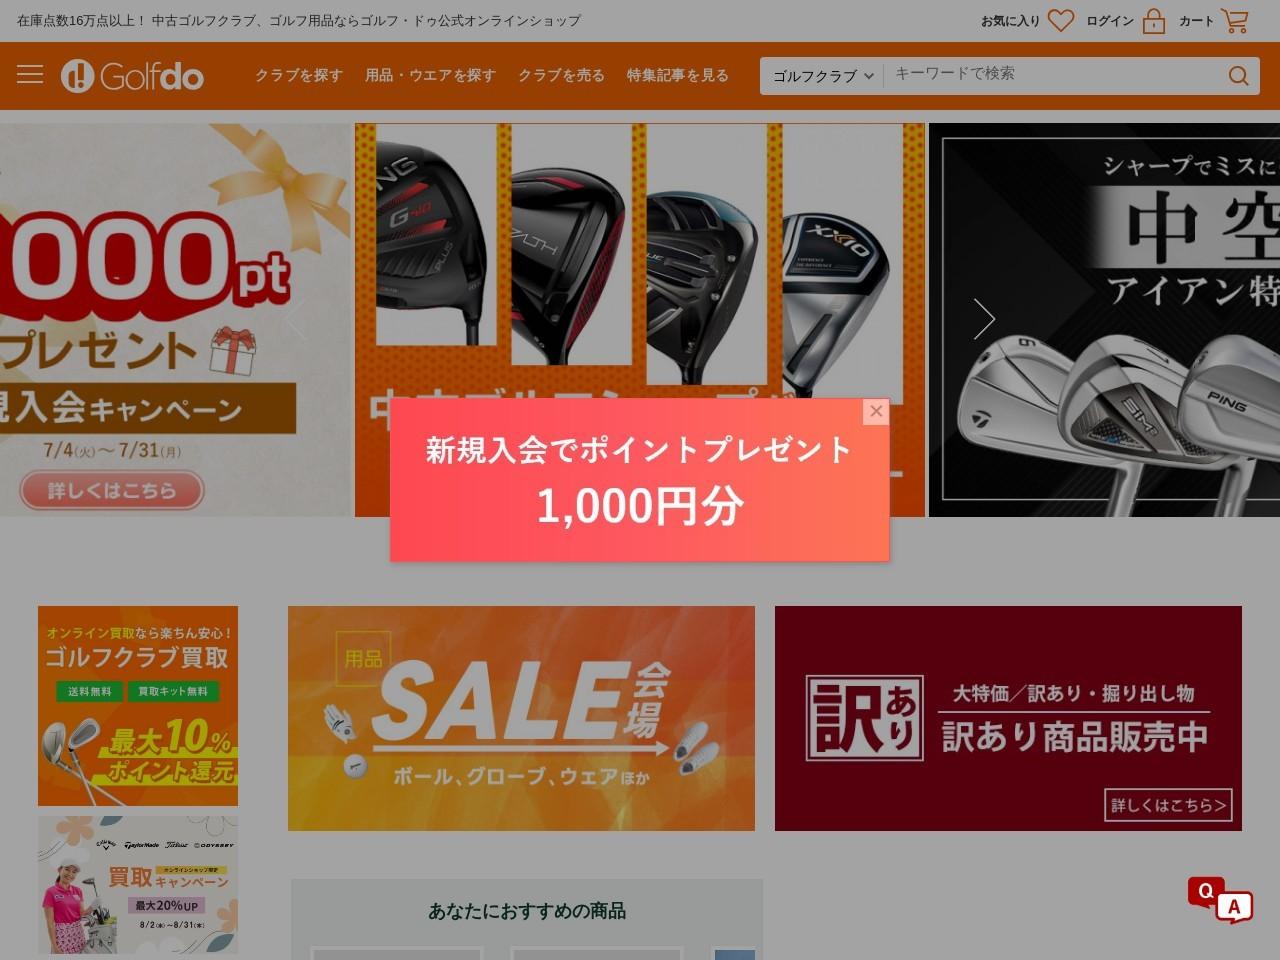 ゴルフ・ドゥ横浜町田インター店